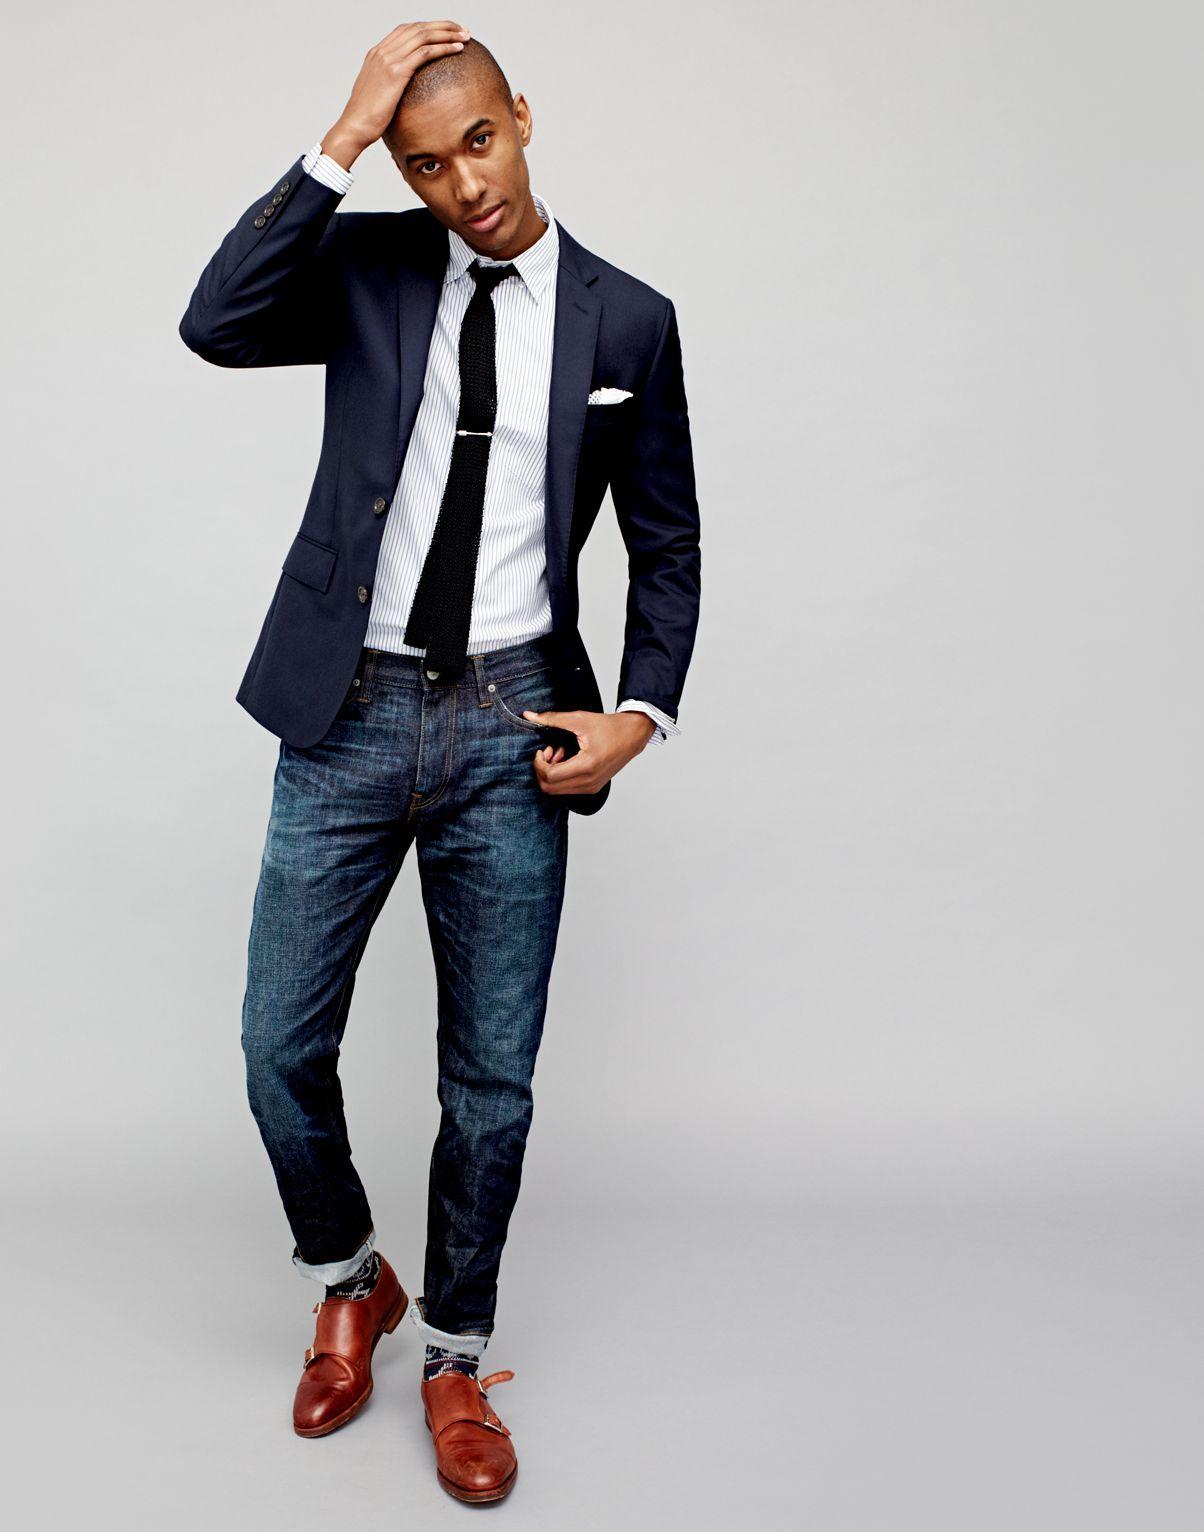 J.Crew Styles the Suit 5 Ways | Blazer outfits men, Blazer